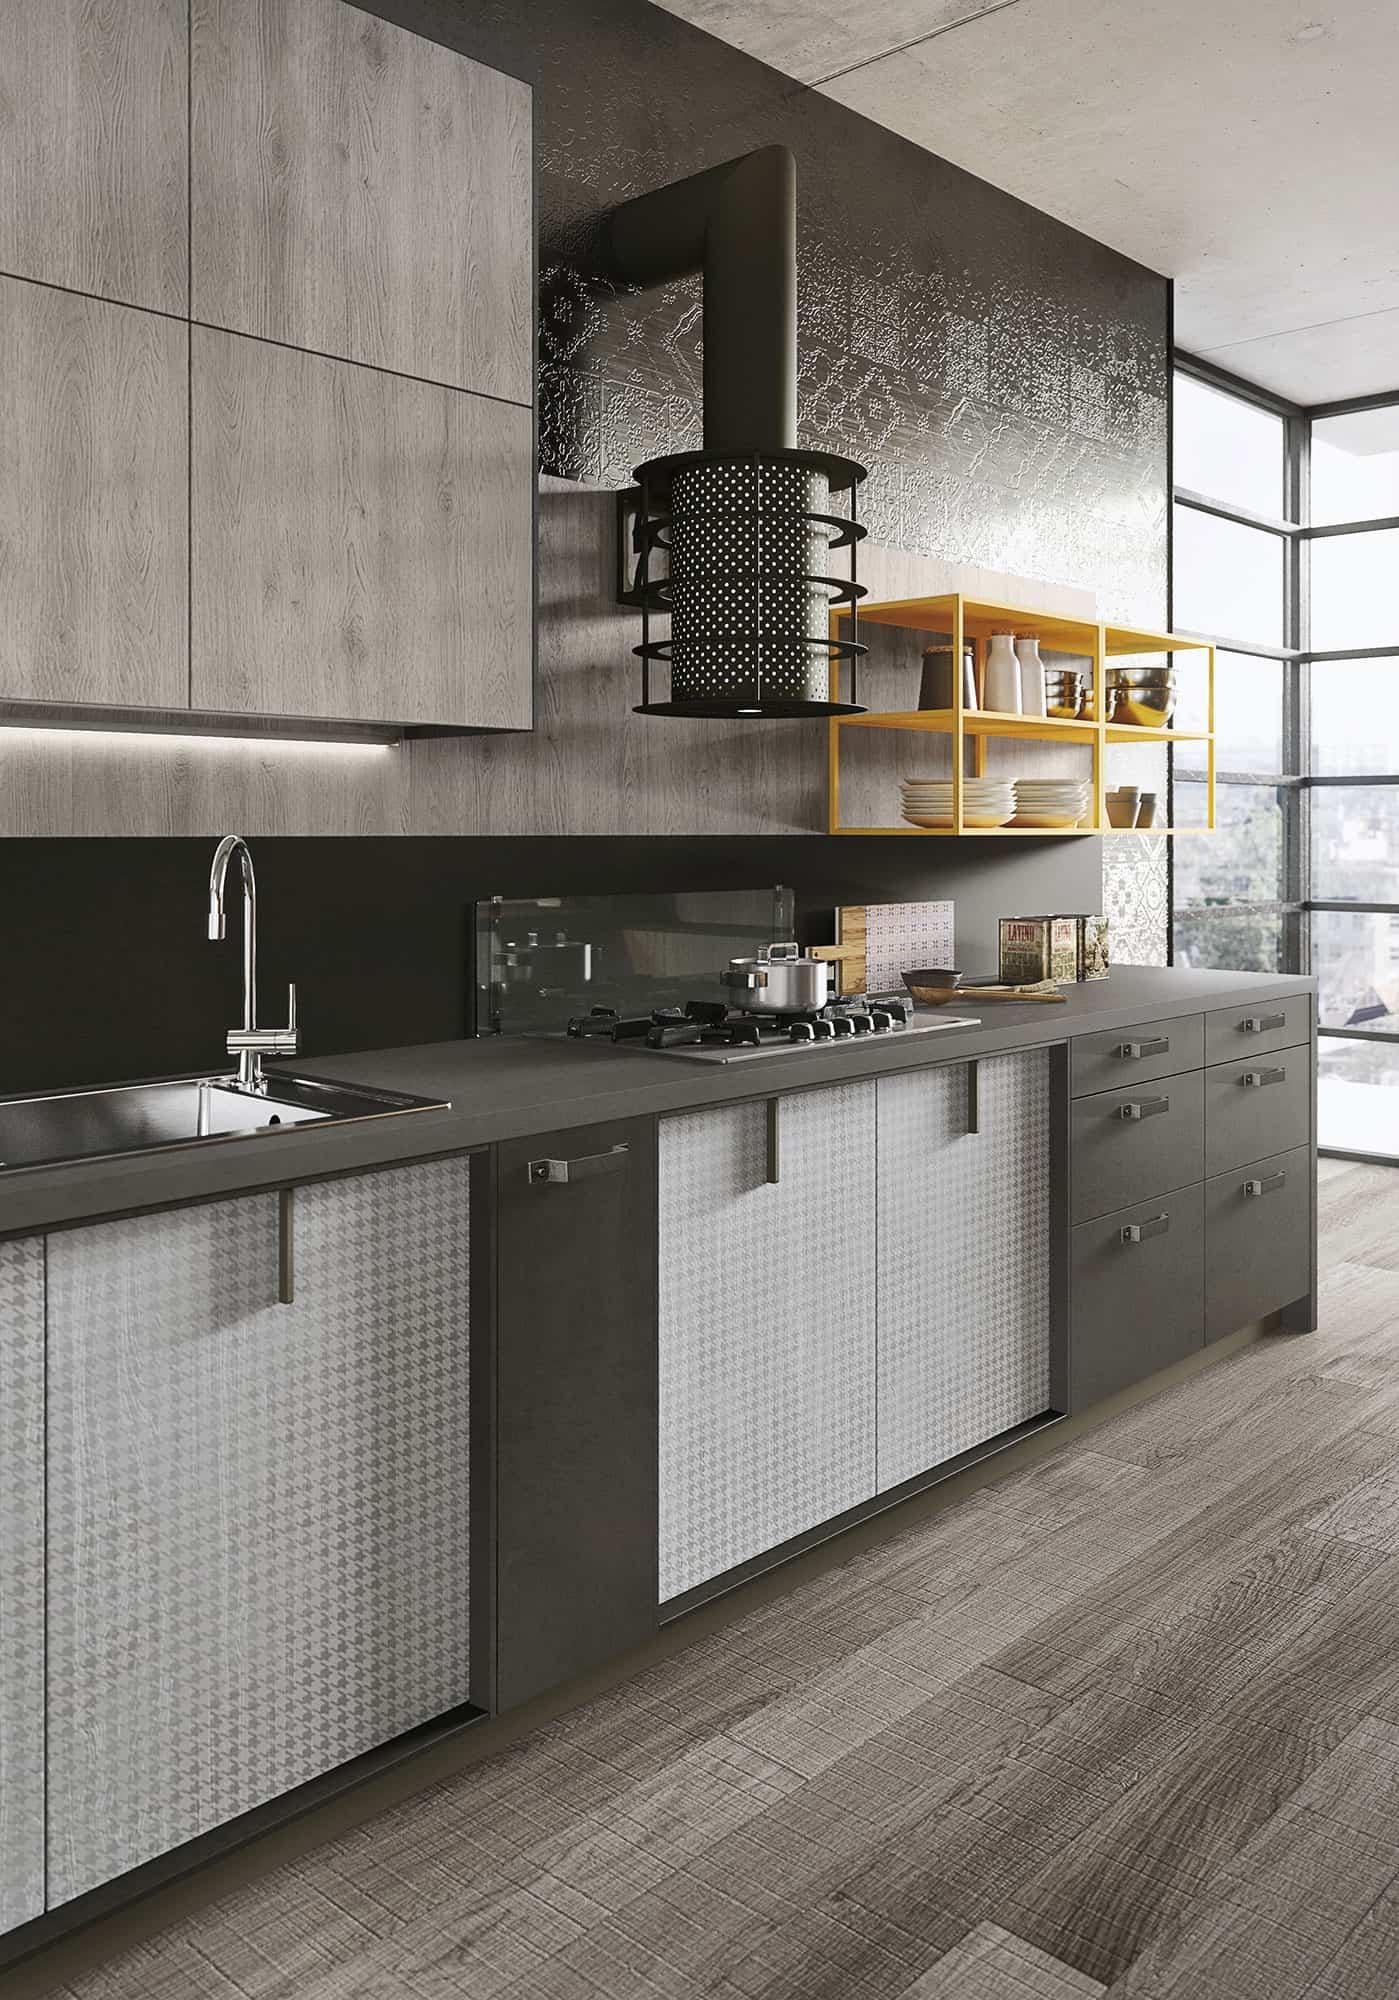 Loft kitchen by Snaidero